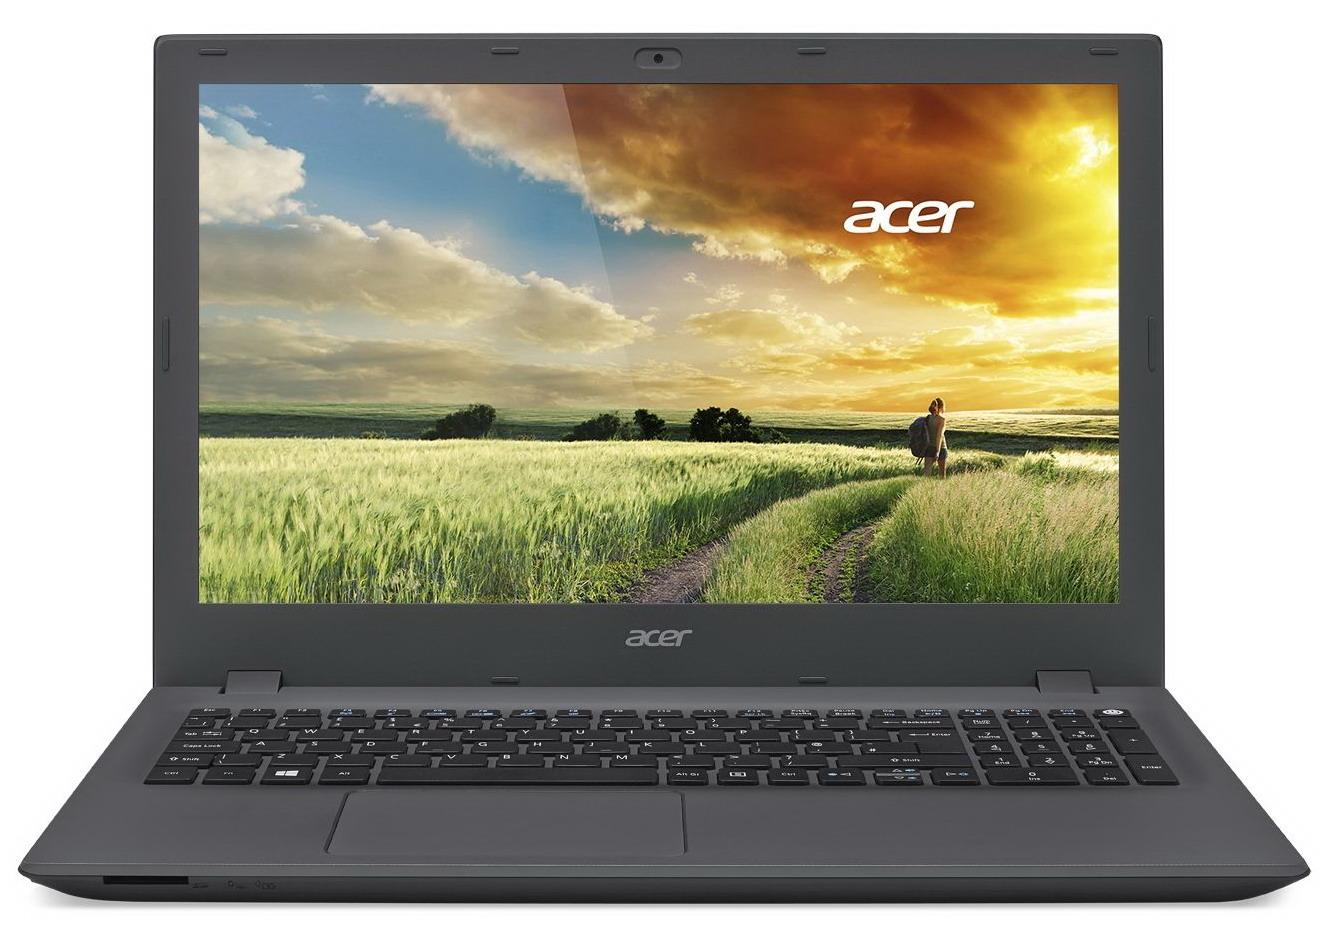 Acer Aspire E5-574G-74UE